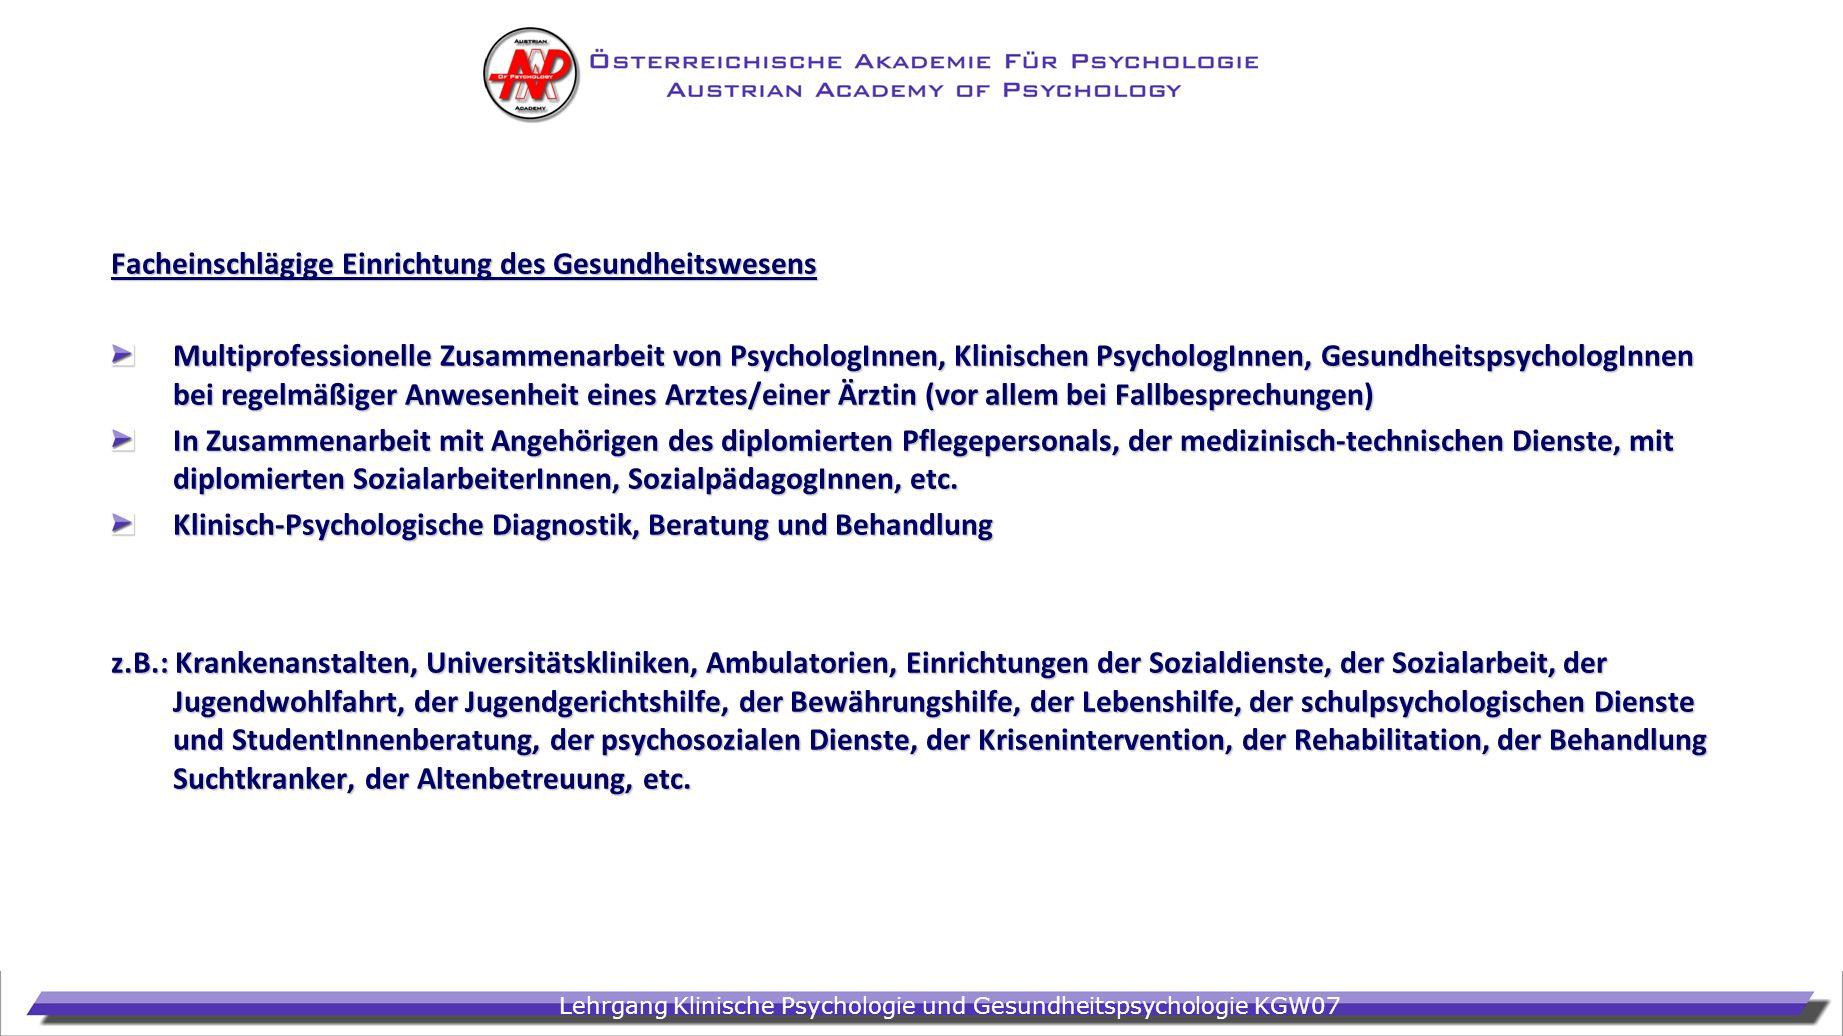 Lehrgang Klinische Psychologie und Gesundheitspsychologie KGW07 Facheinschlägige Einrichtung des Gesundheitswesens Multiprofessionelle Zusammenarbeit